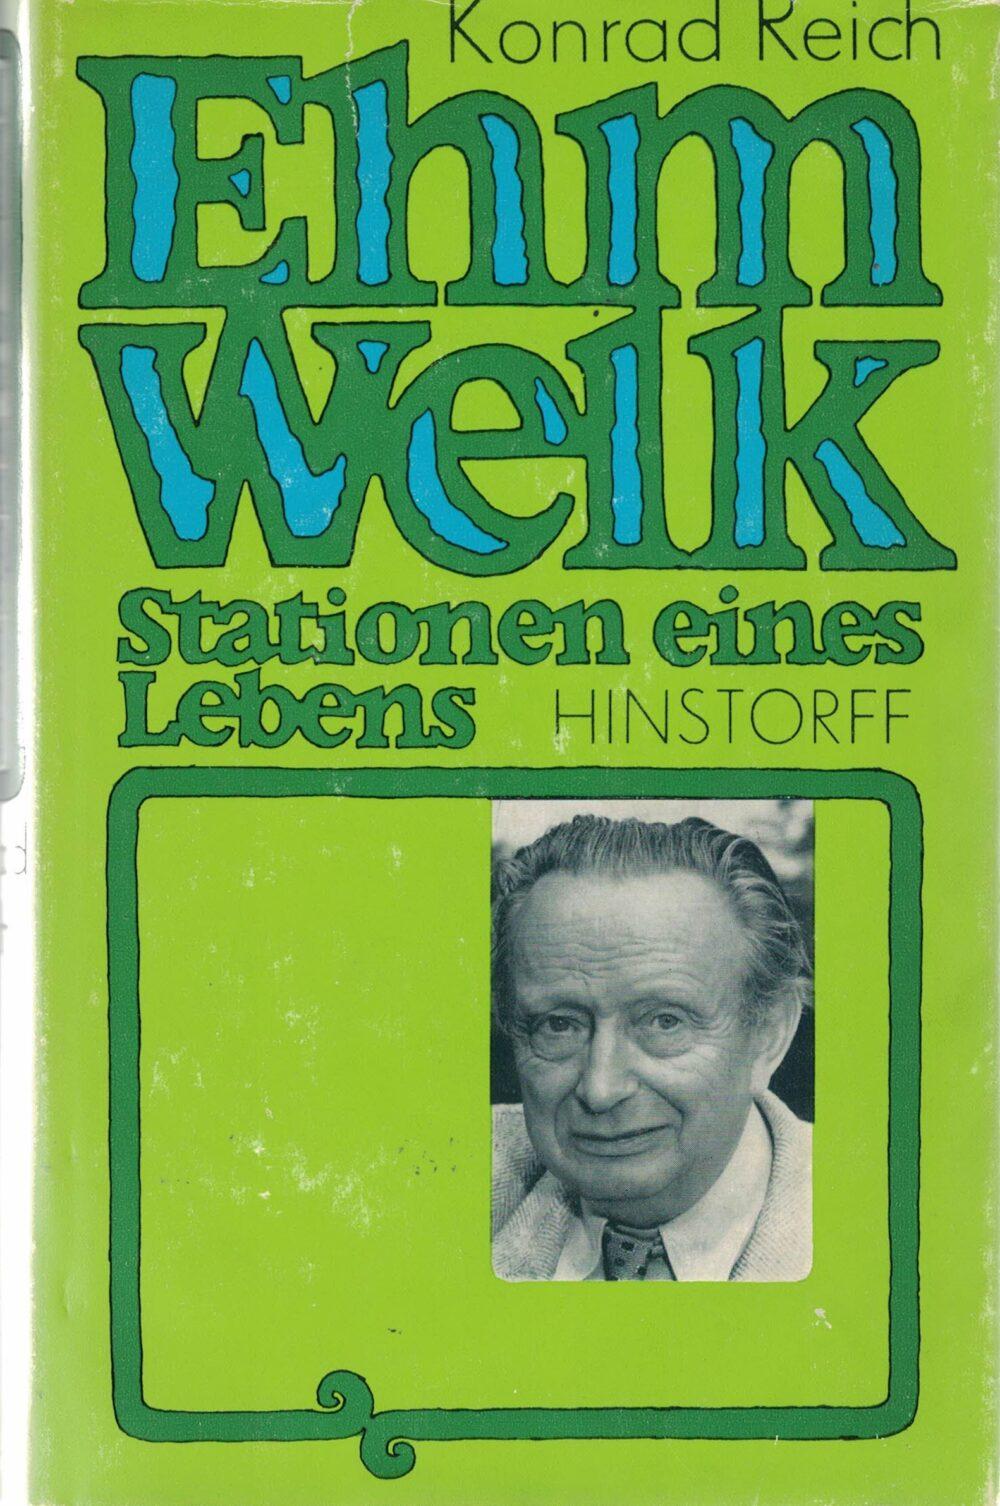 Konrad Reich - Ehm Welk - Stationen seines Lebens